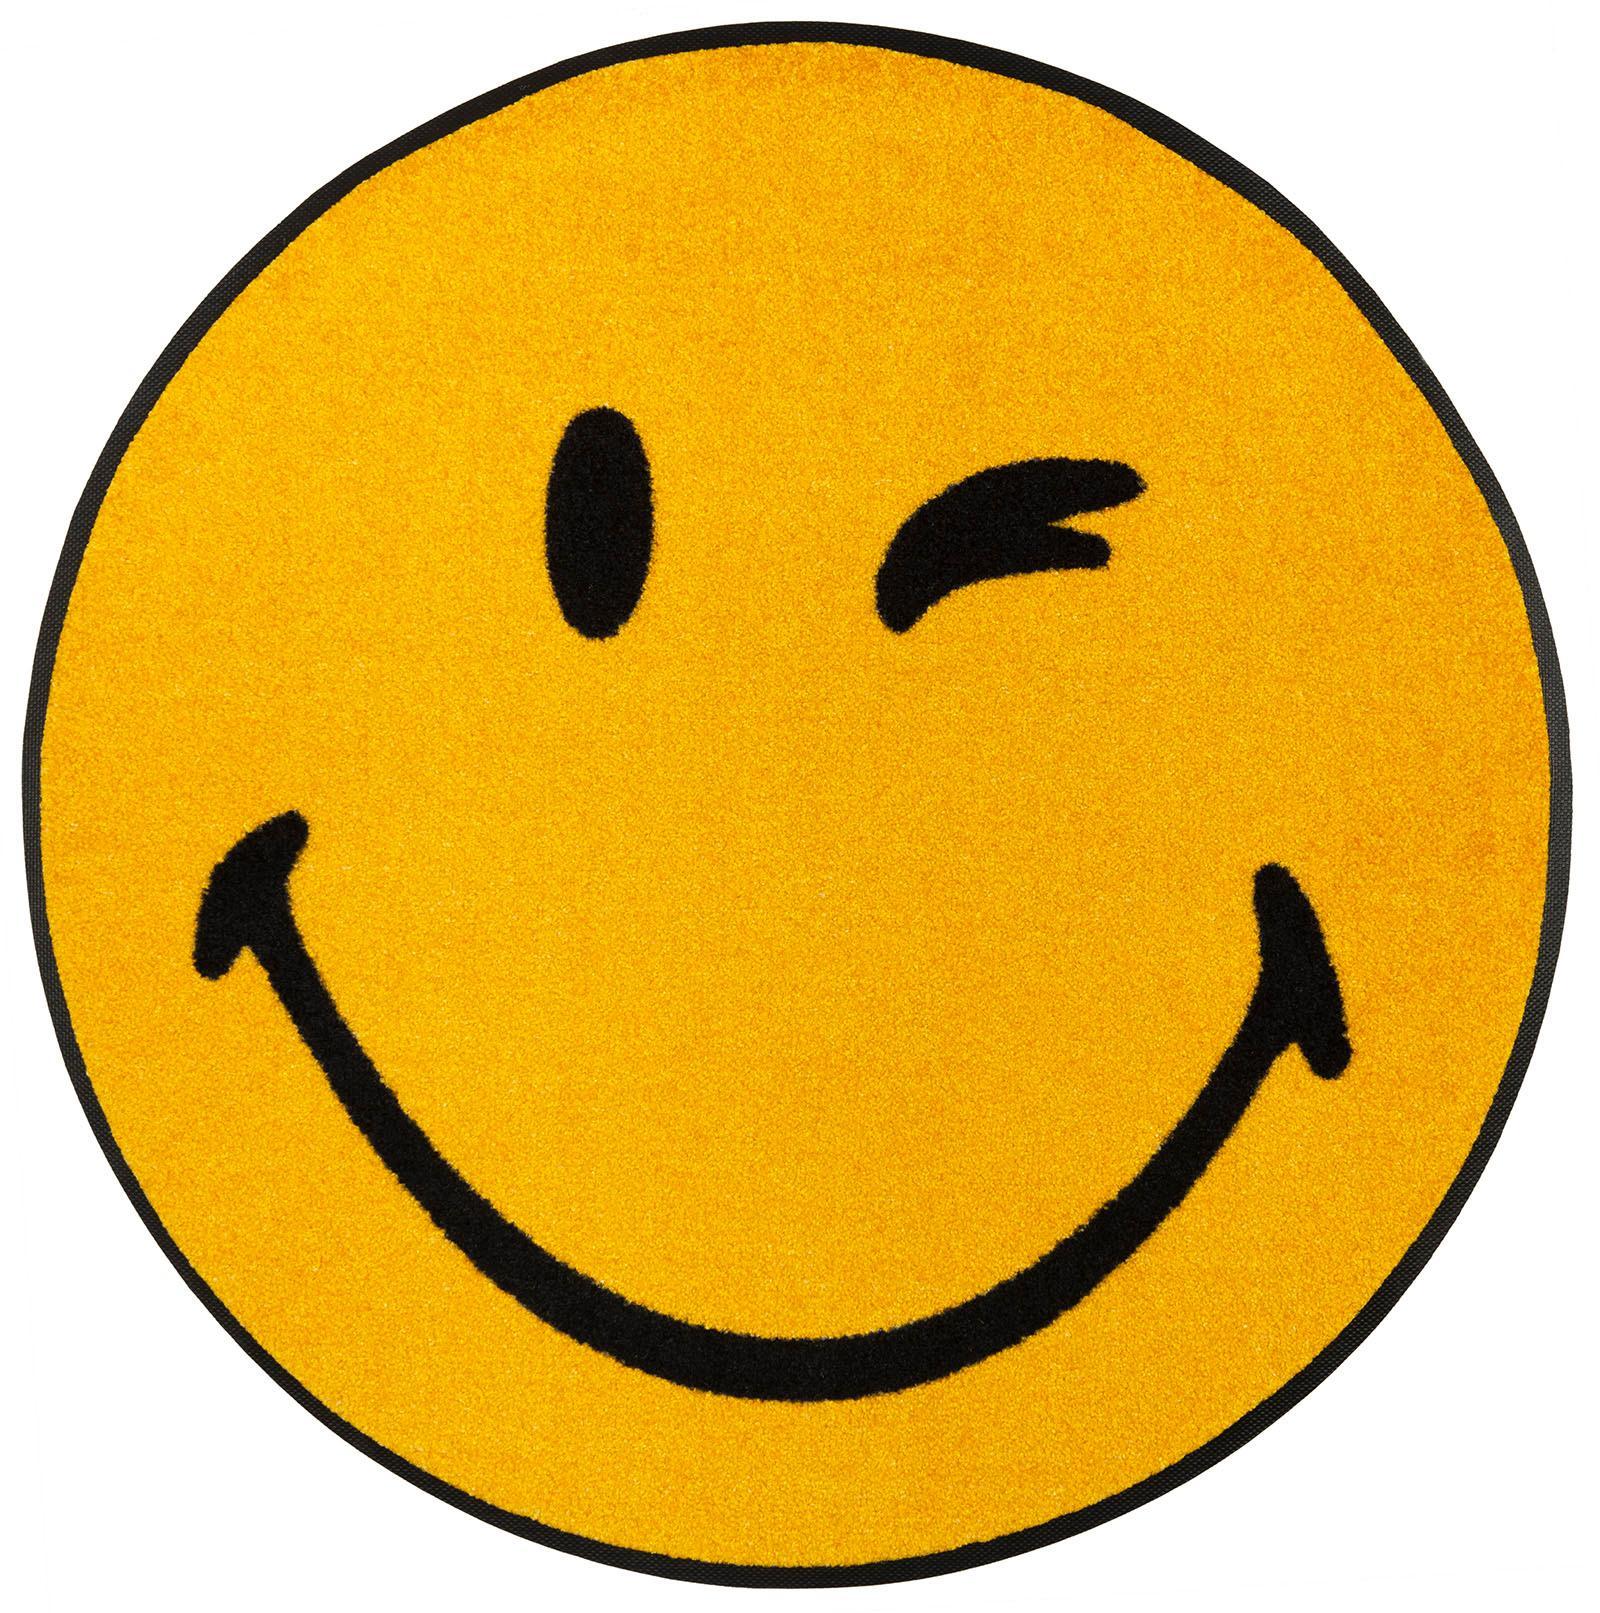 Teppich Smiley Winky wash+dry by Kleen-Tex rund Höhe 7 mm gedruckt